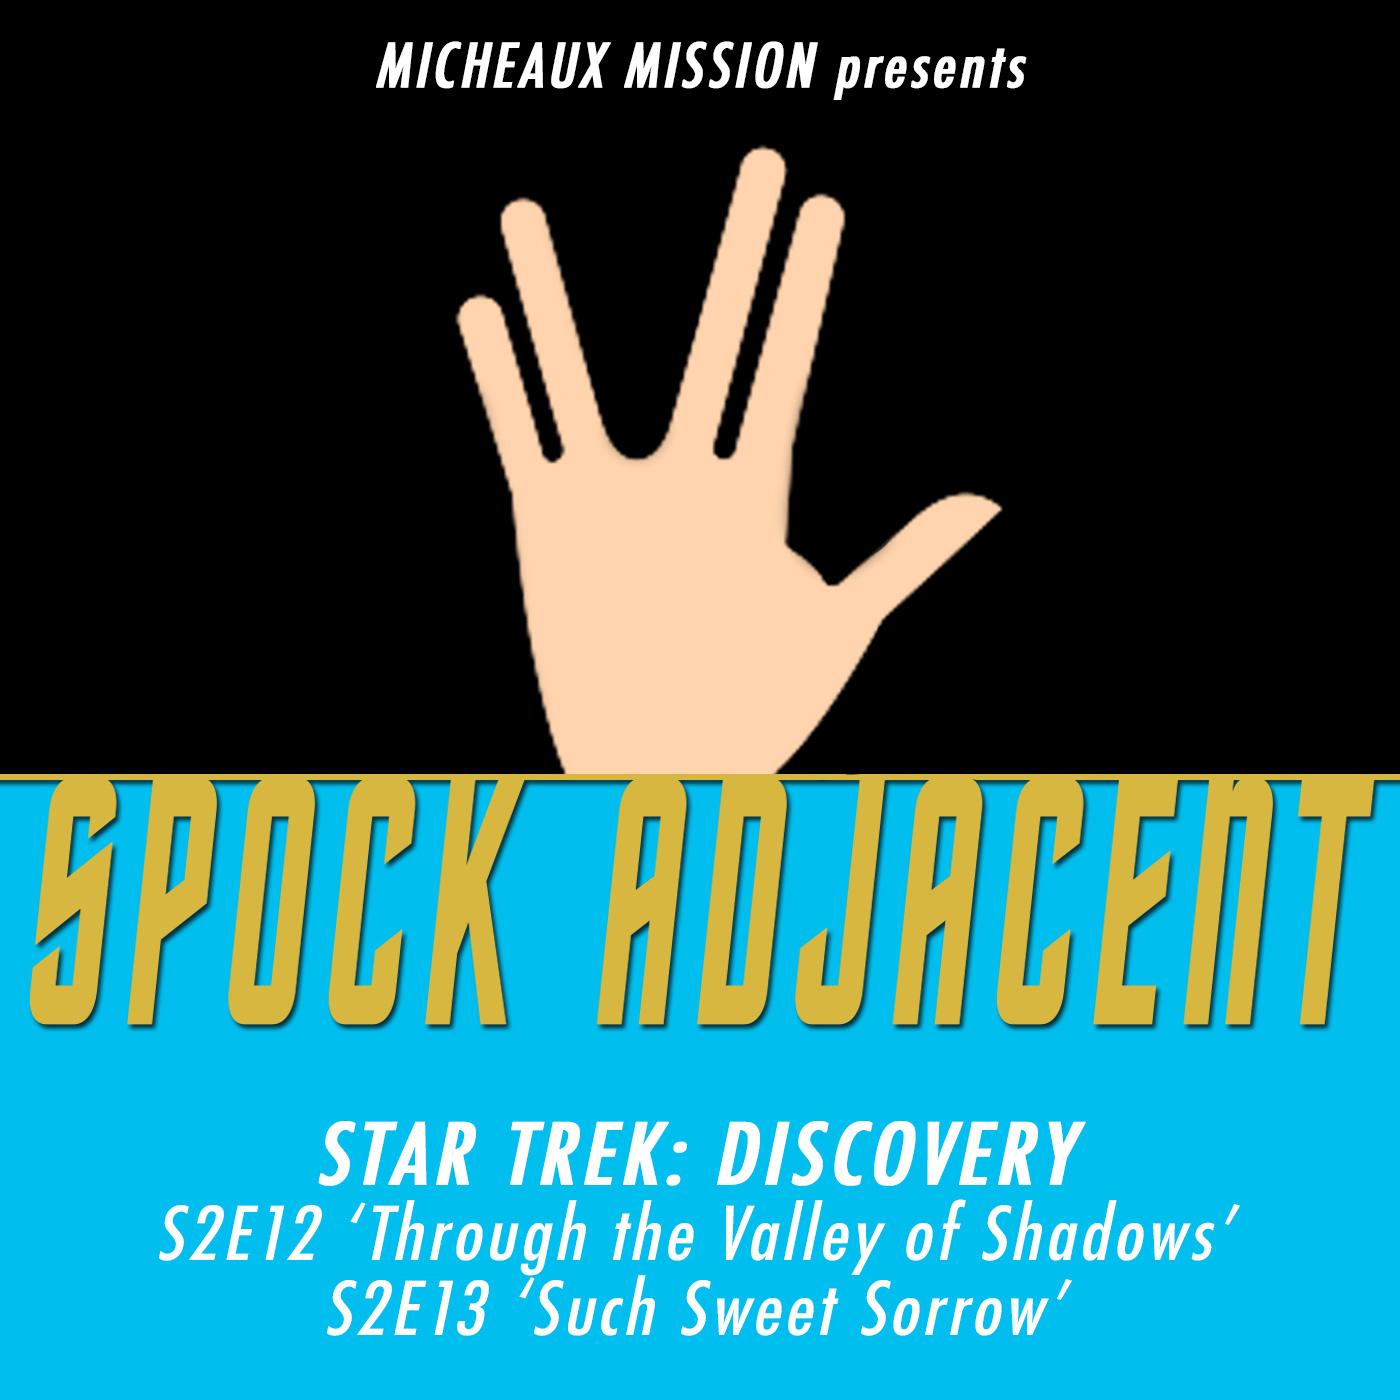 SPOCK ADJACENT 18 - Star Trek Discovery S2E12-13